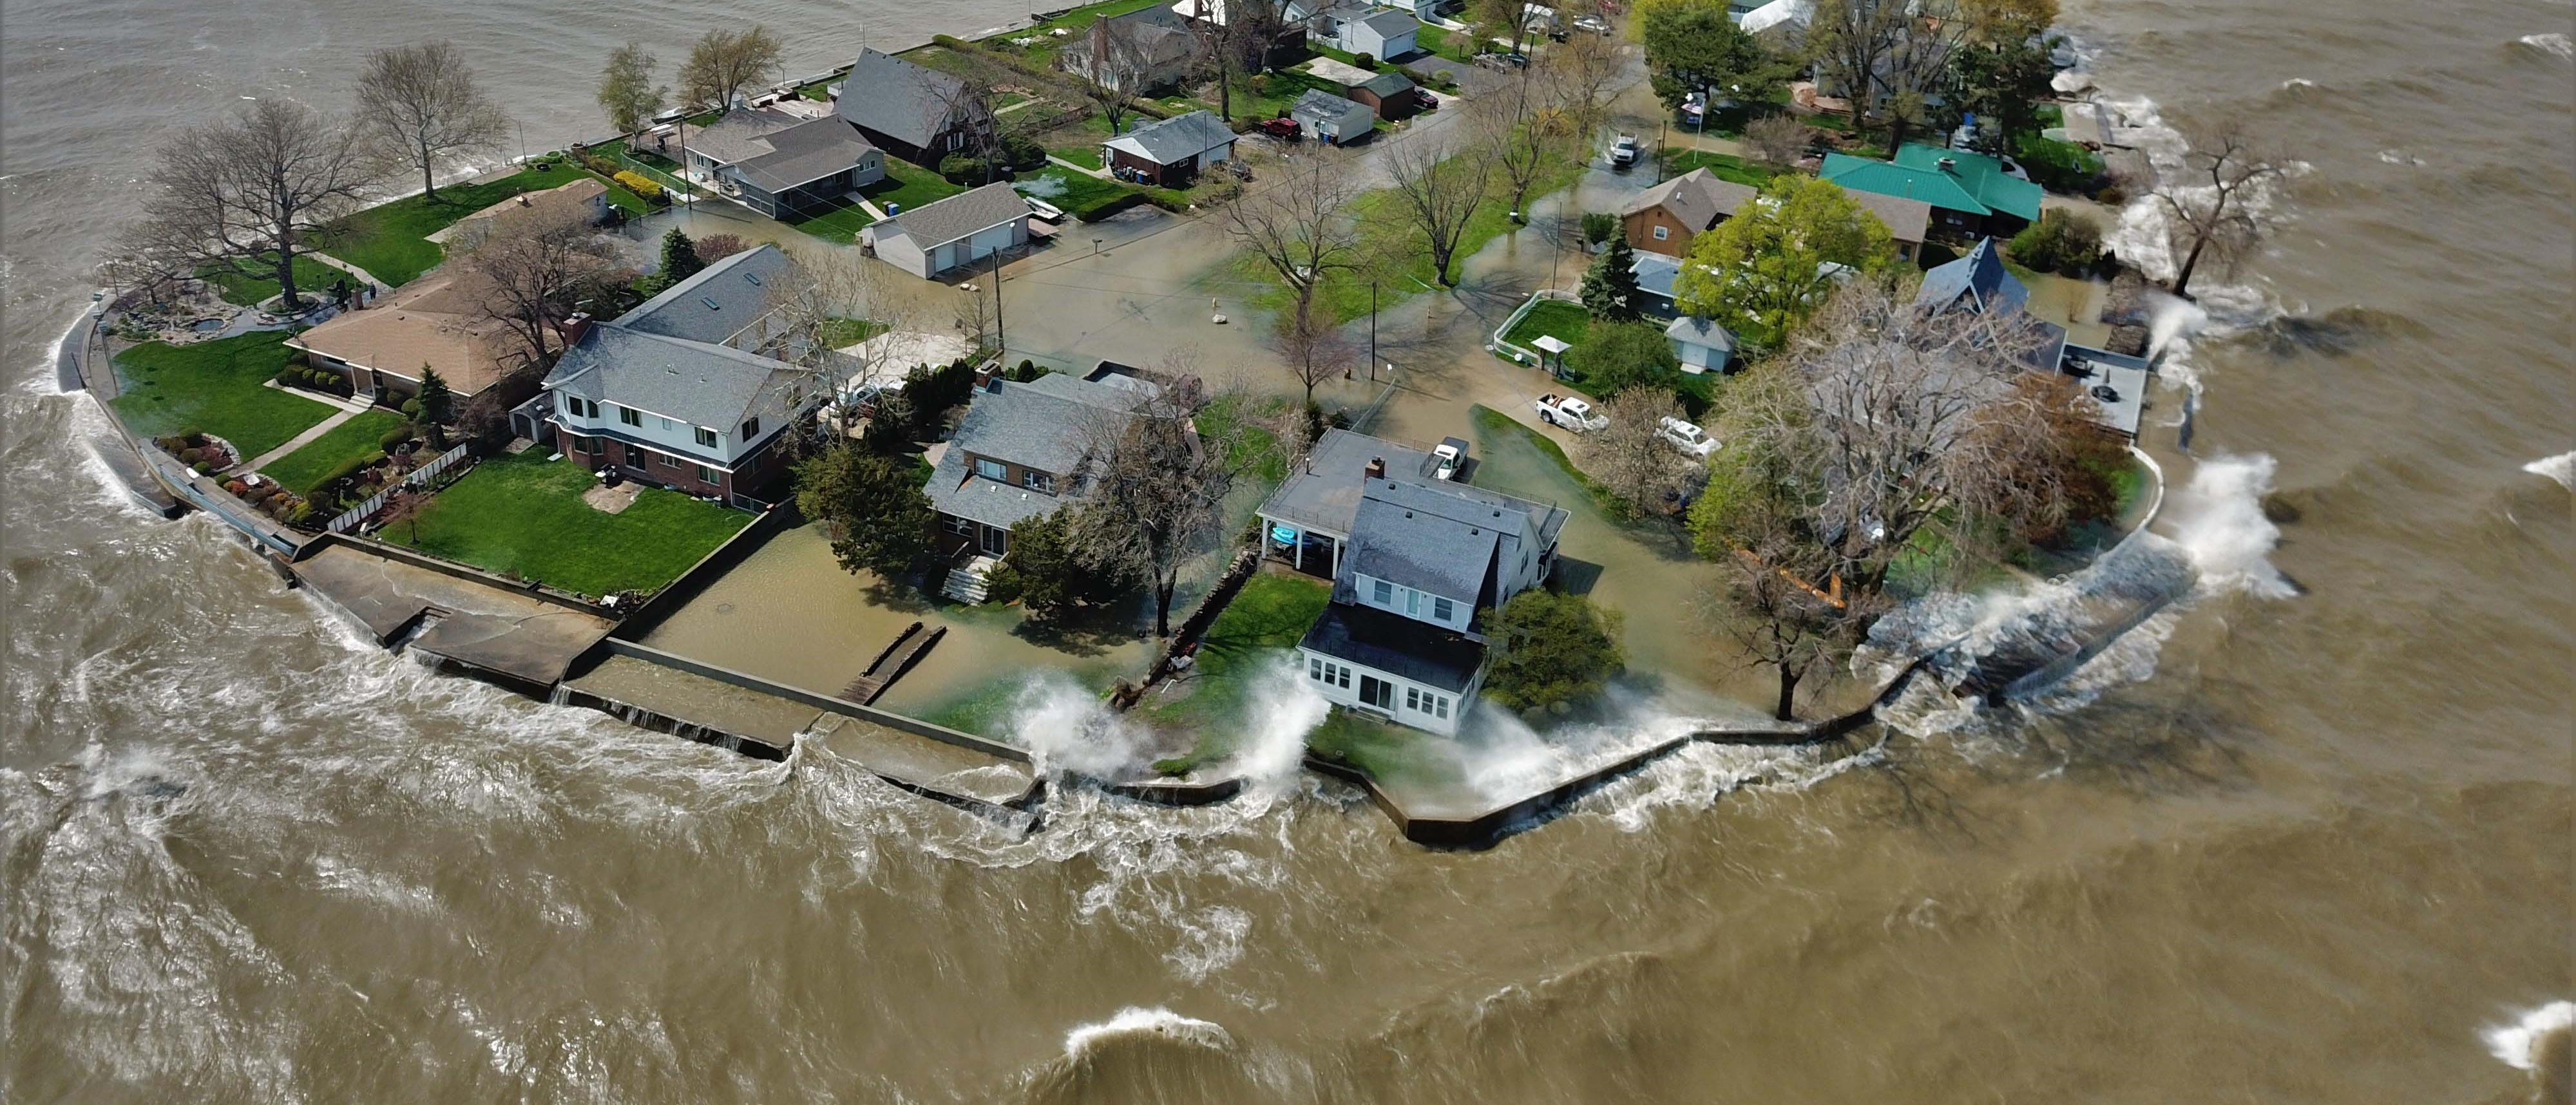 High water threatening suburban homes.